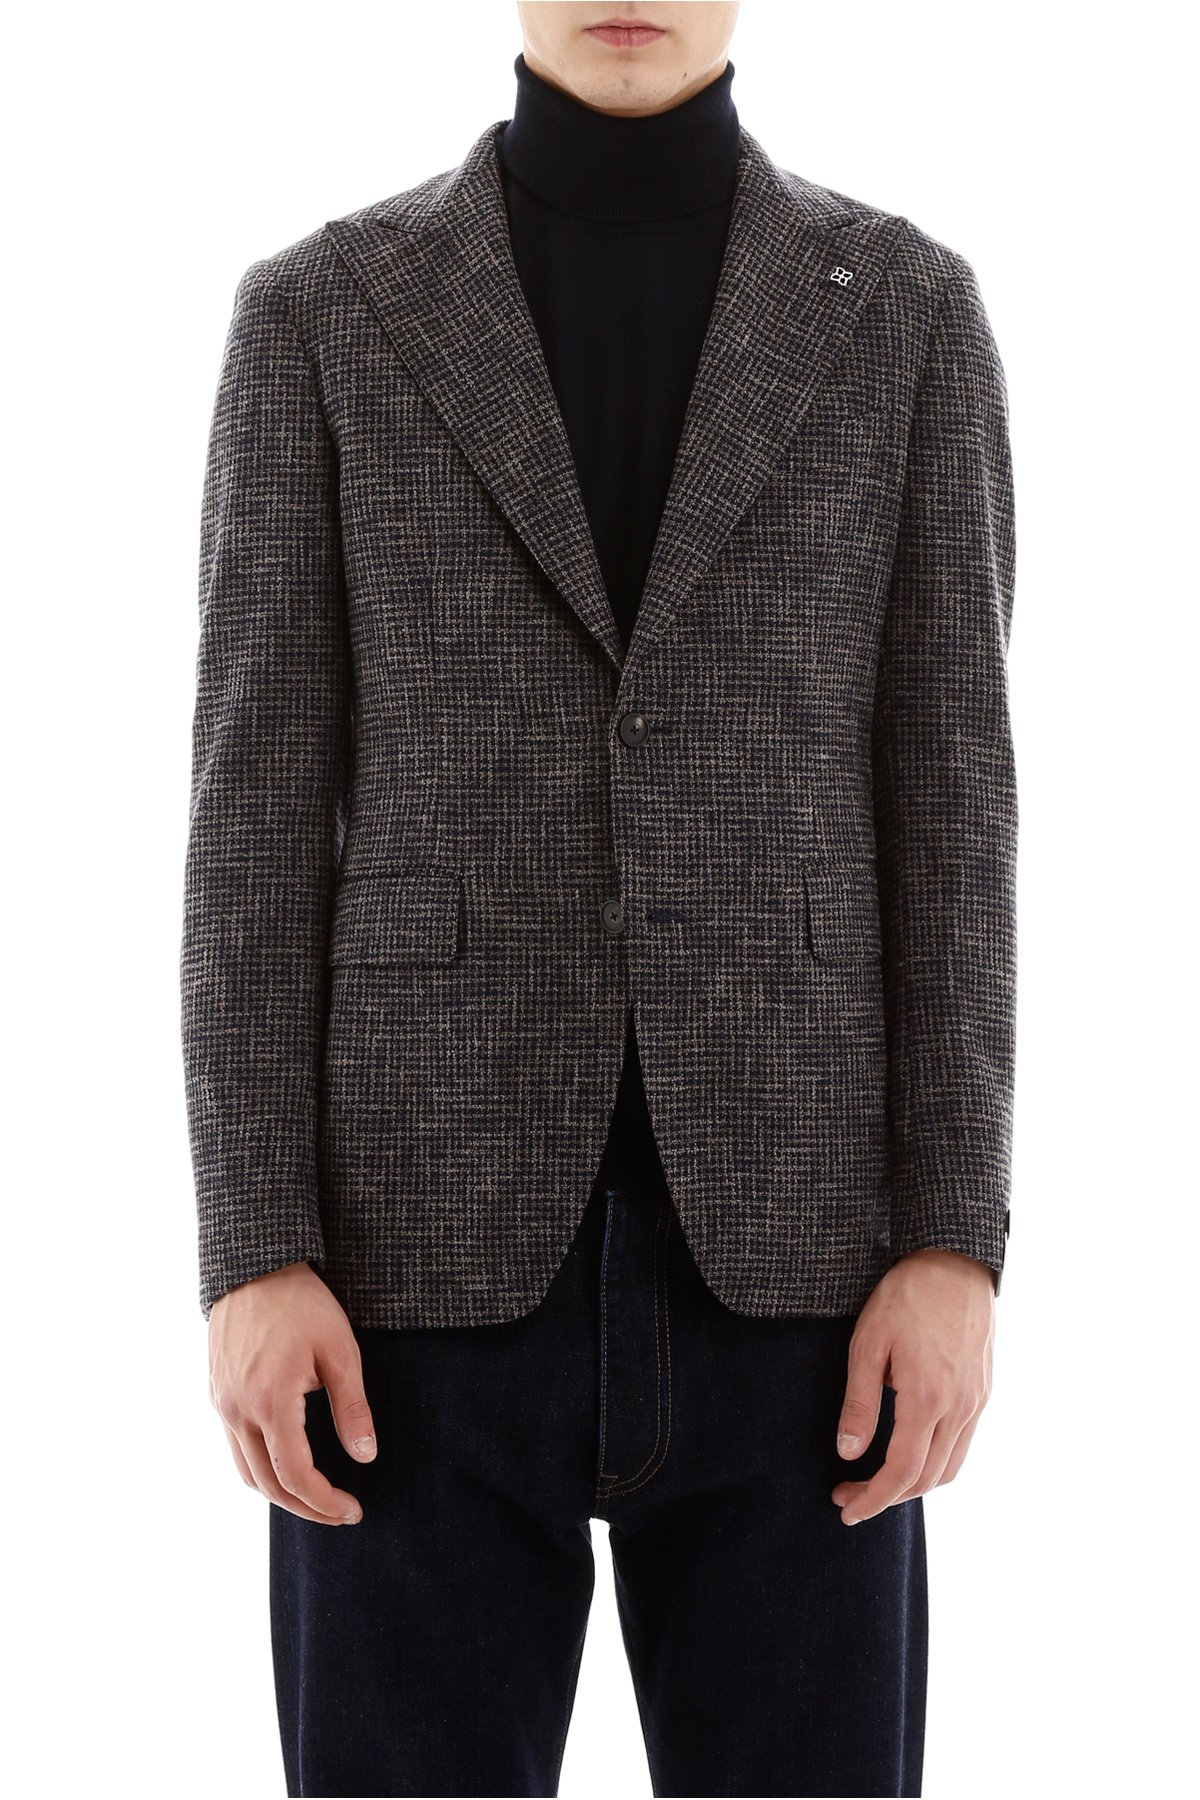 Tagliatore blazer formale vesuvio